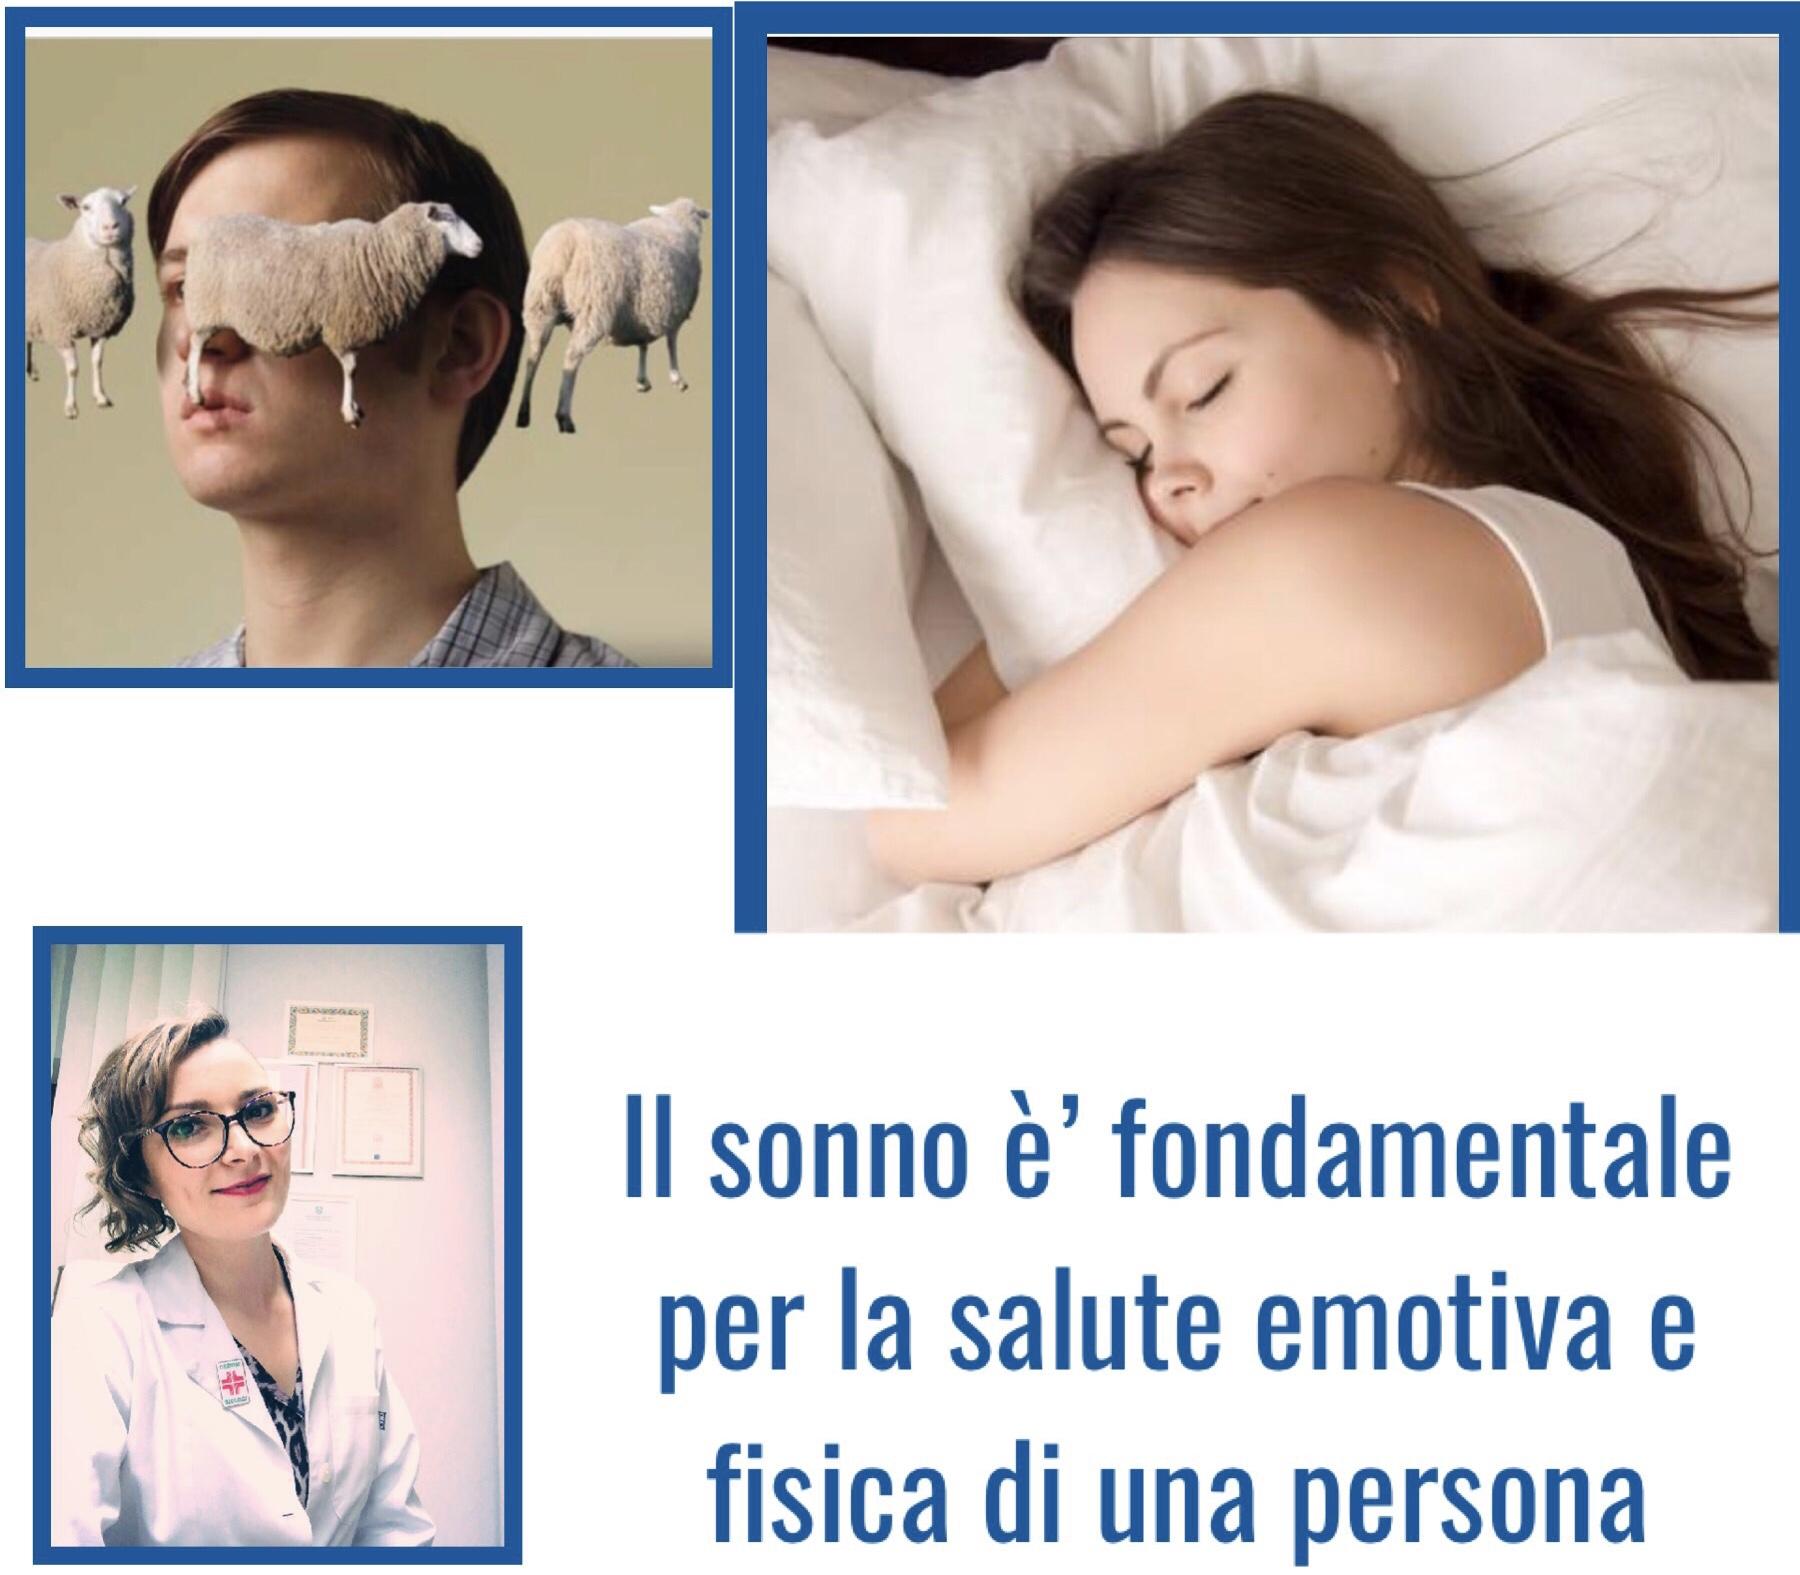 Il sonno è fondamentale per la salute emotiva e fisica di una persona.